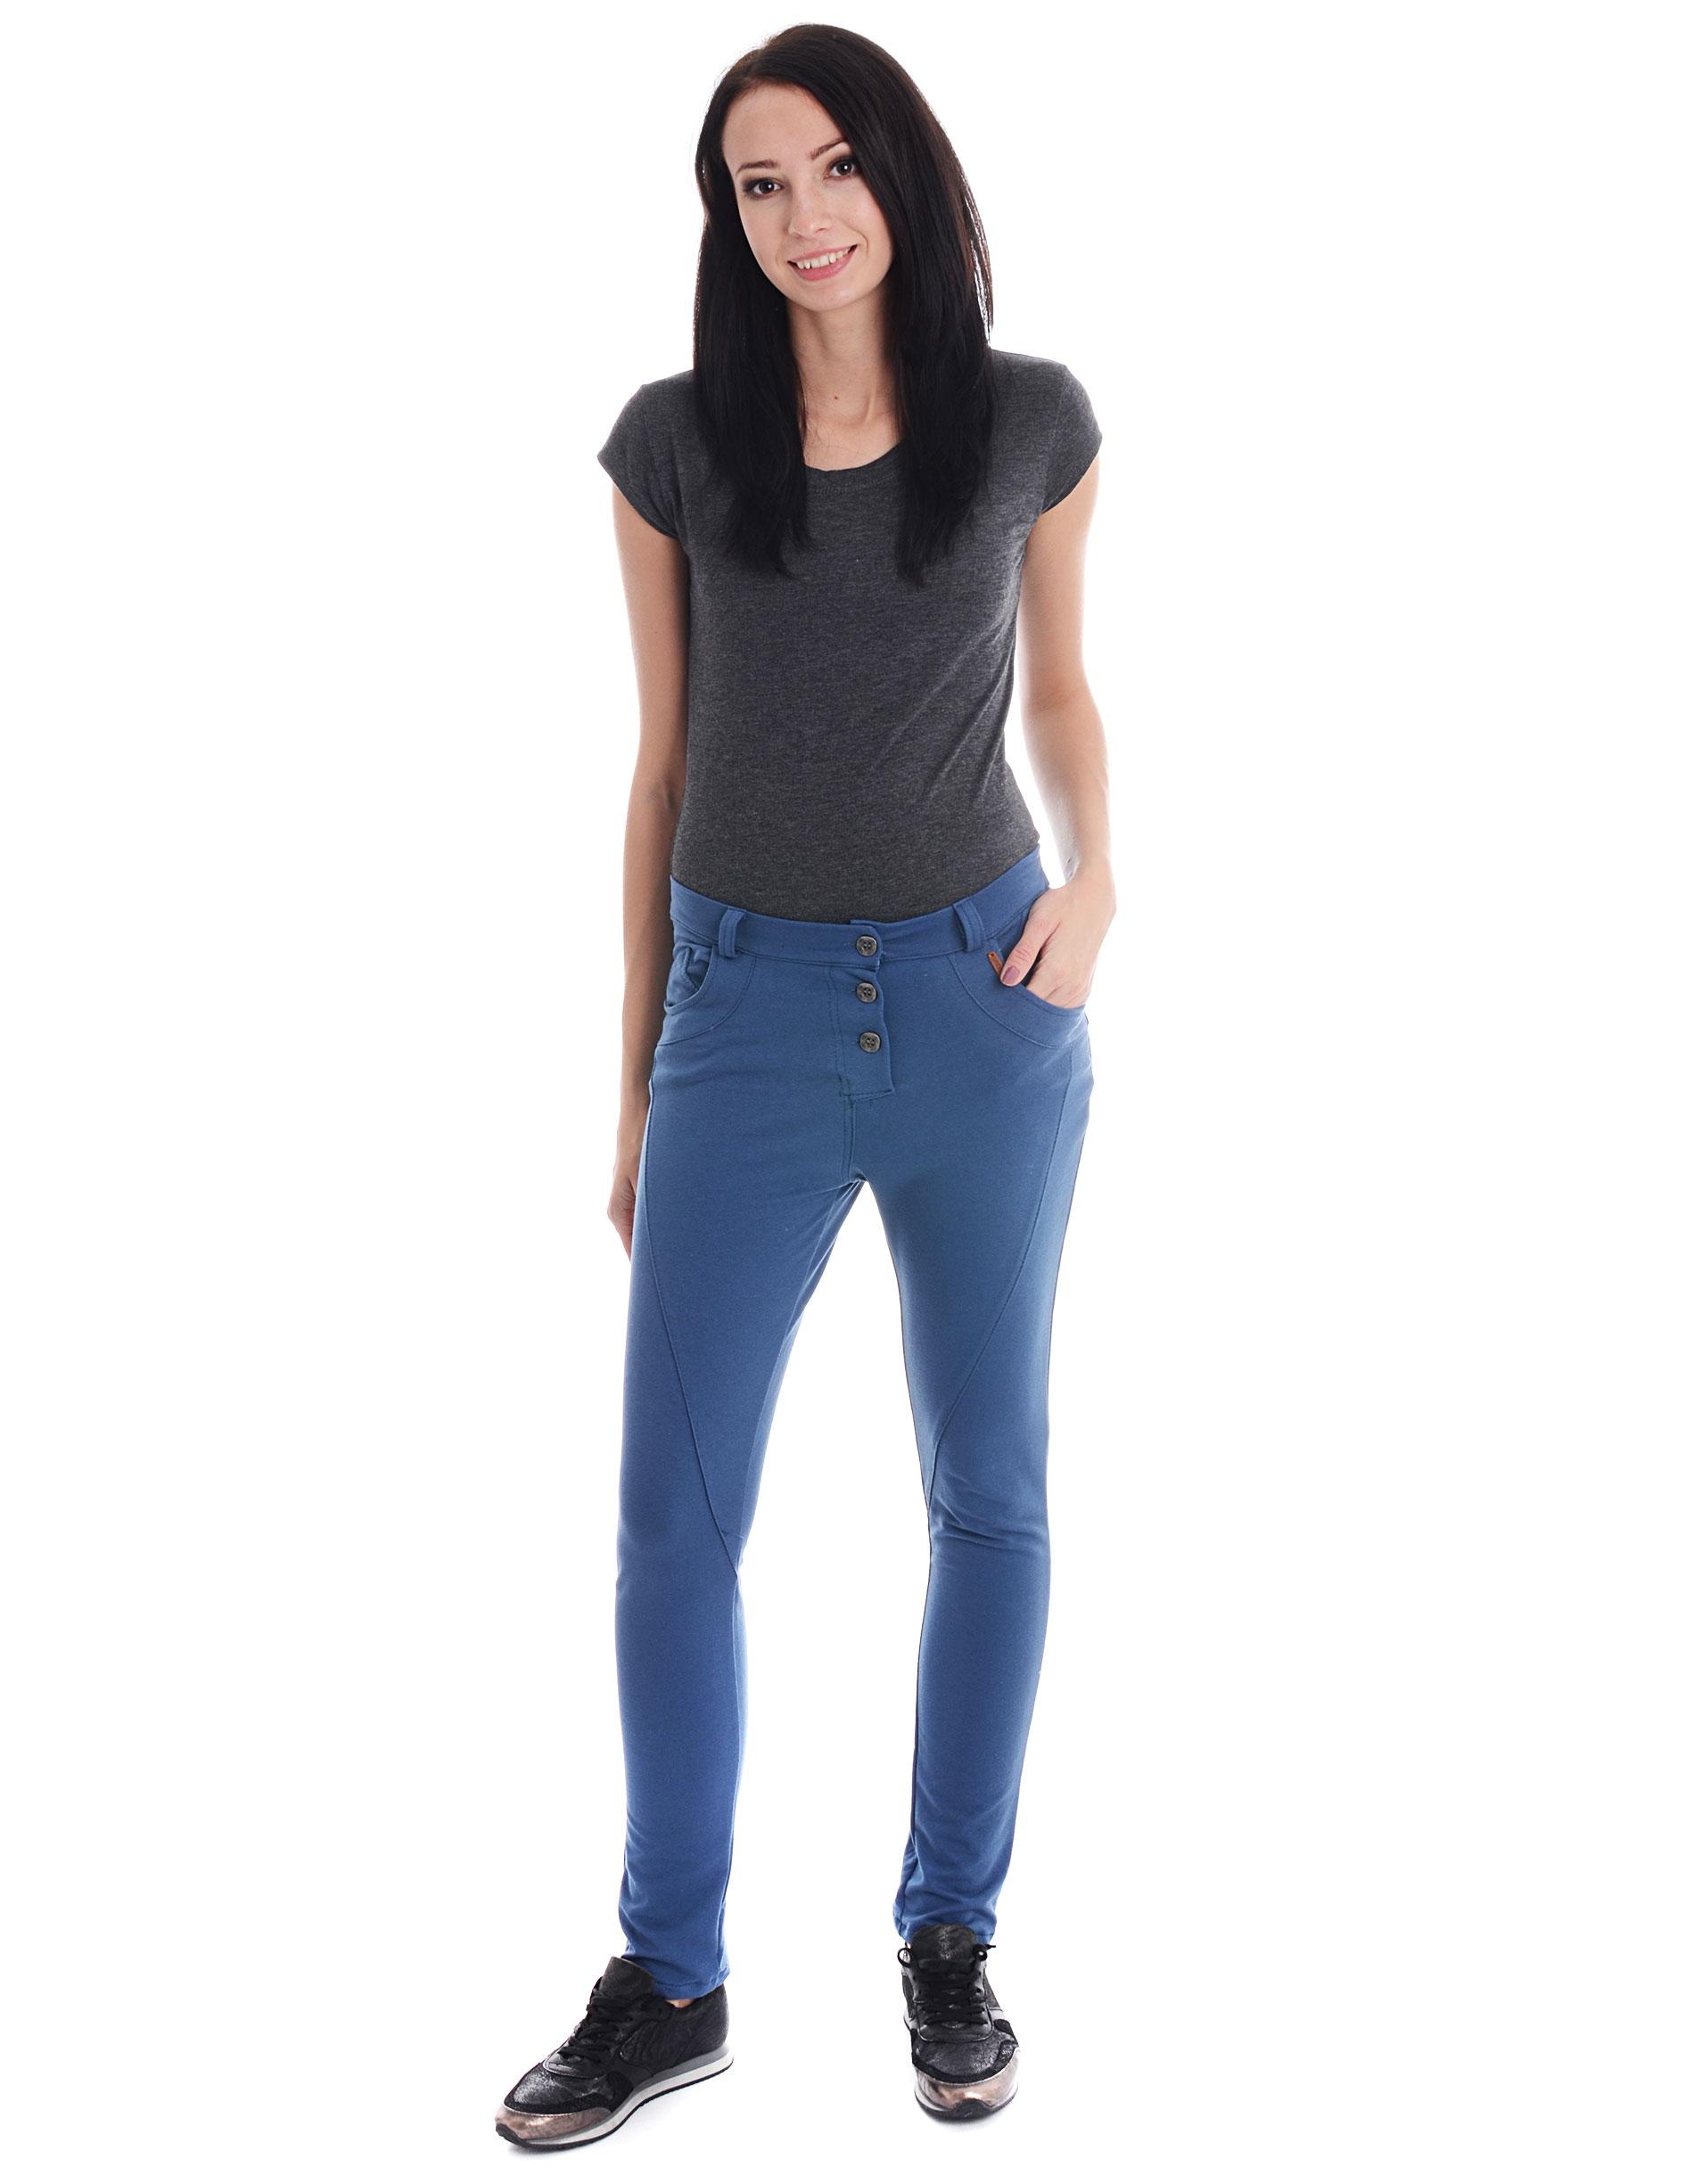 Spodnie - 30-63140 JEAN - Unisono